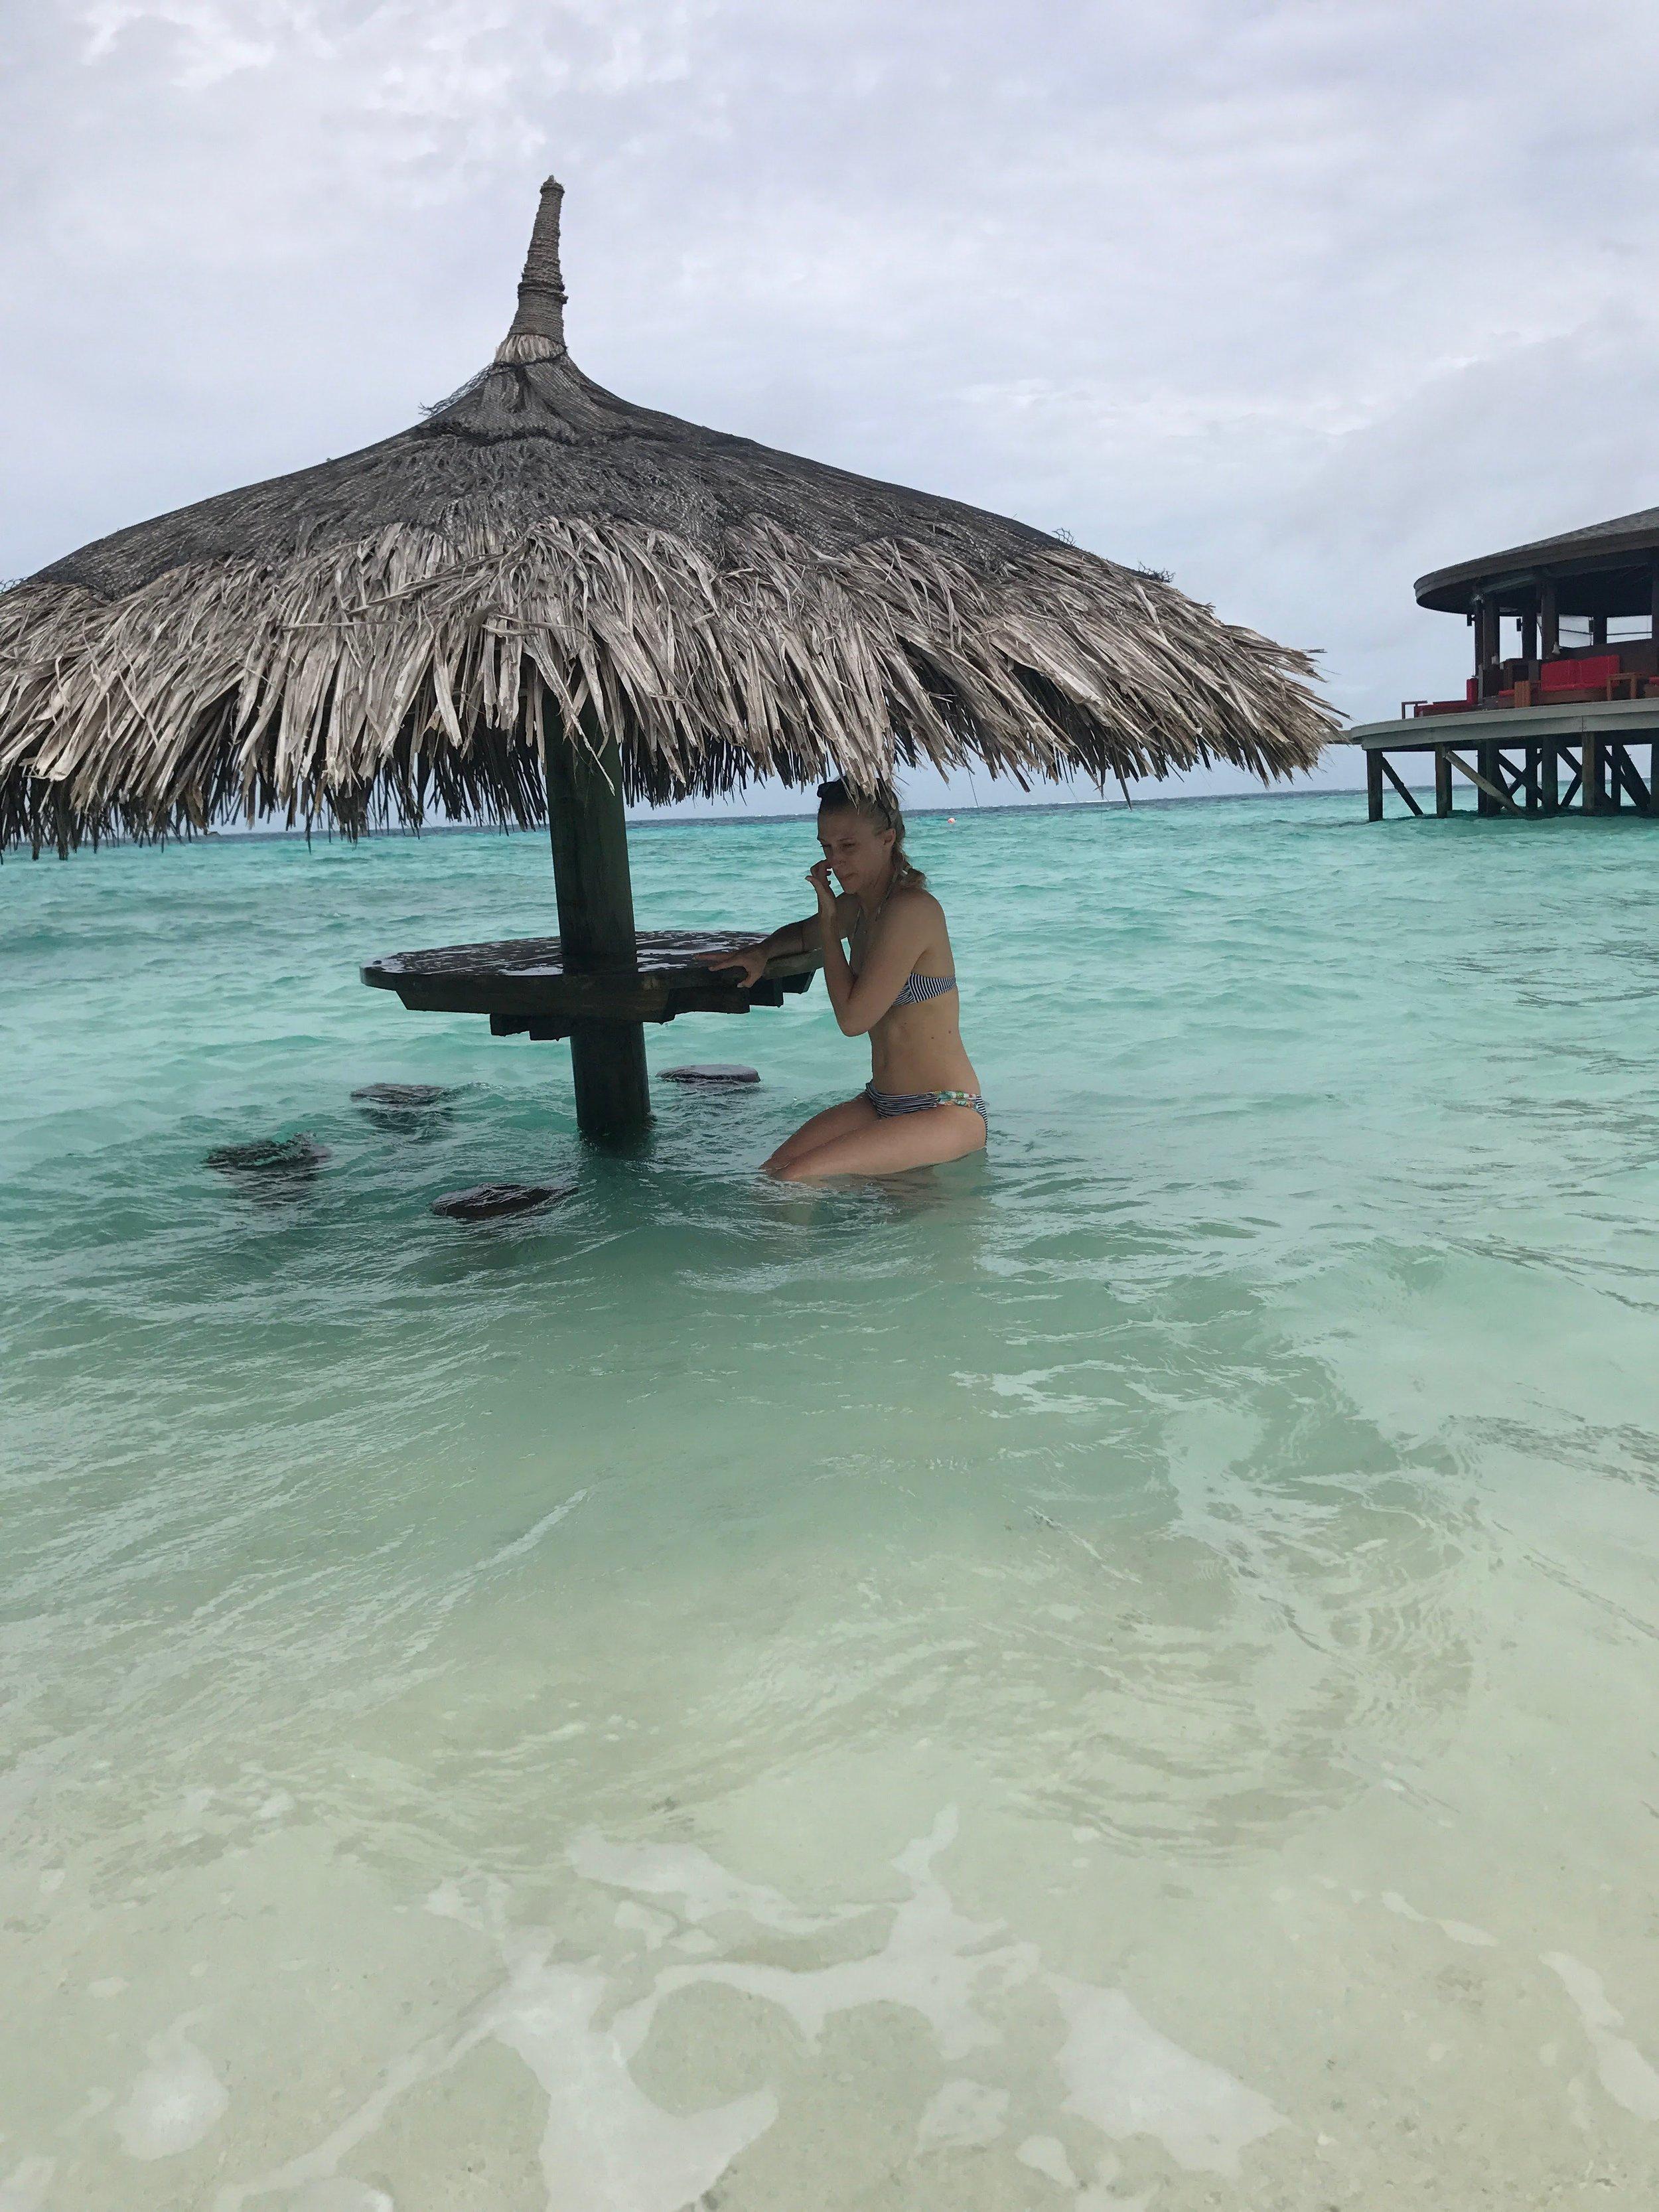 invite-to-paradise-maldives-sri-lanka-specialists-experts-travel-agent-tour-operator-customer-feedback-lucas-emily-fenning-elephant-orphanage-centara-ras-fushi-2.jpg